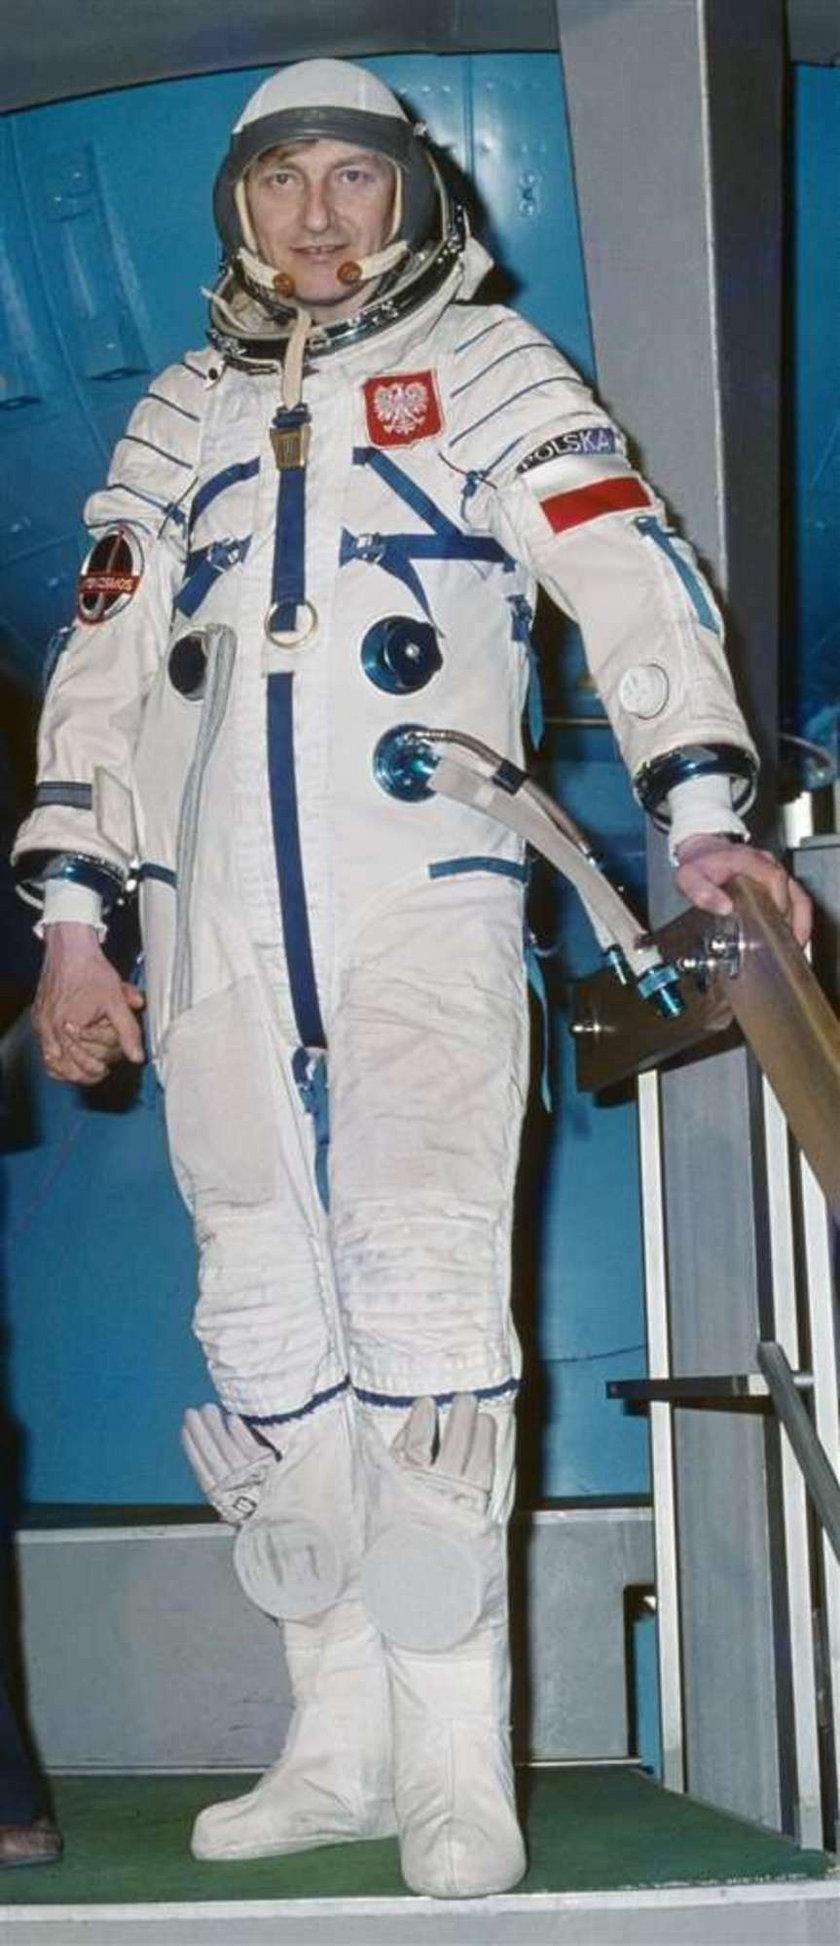 Ożenił się z córką kosmonauty